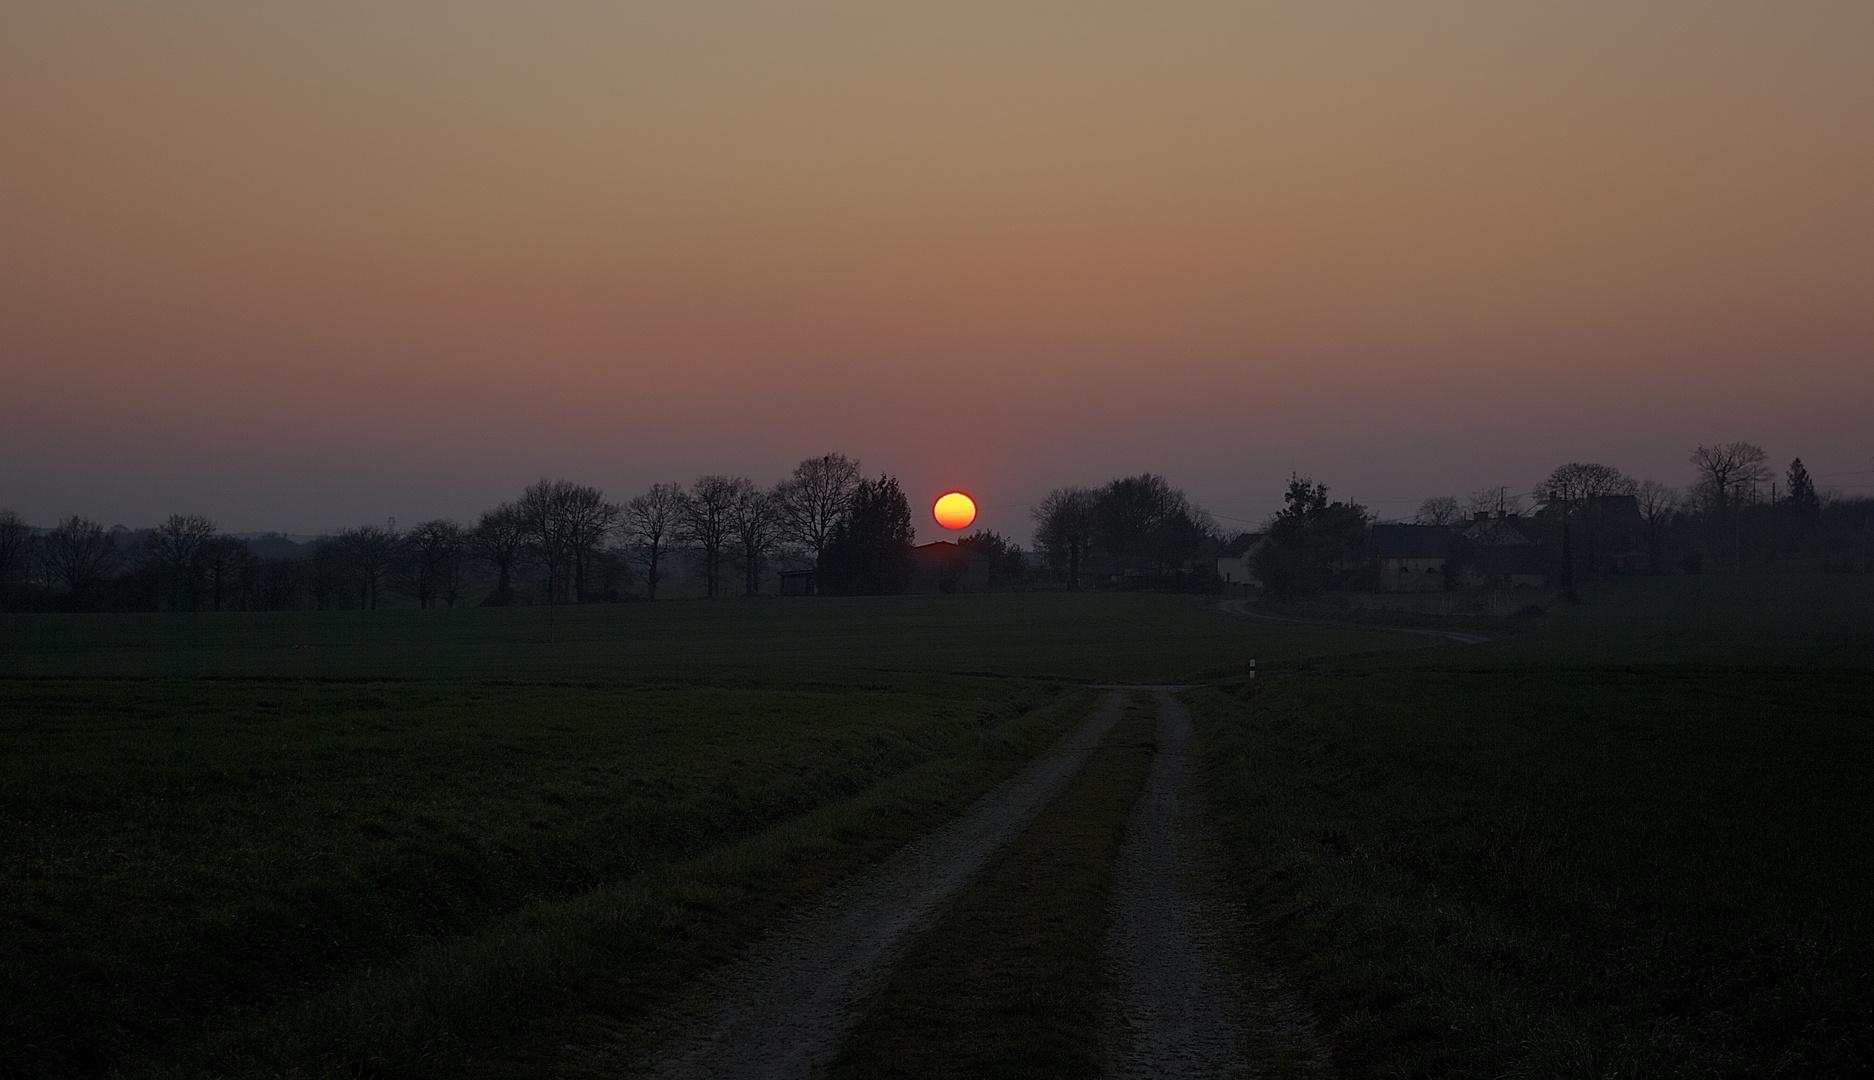 Le soleil se couche commre rarement